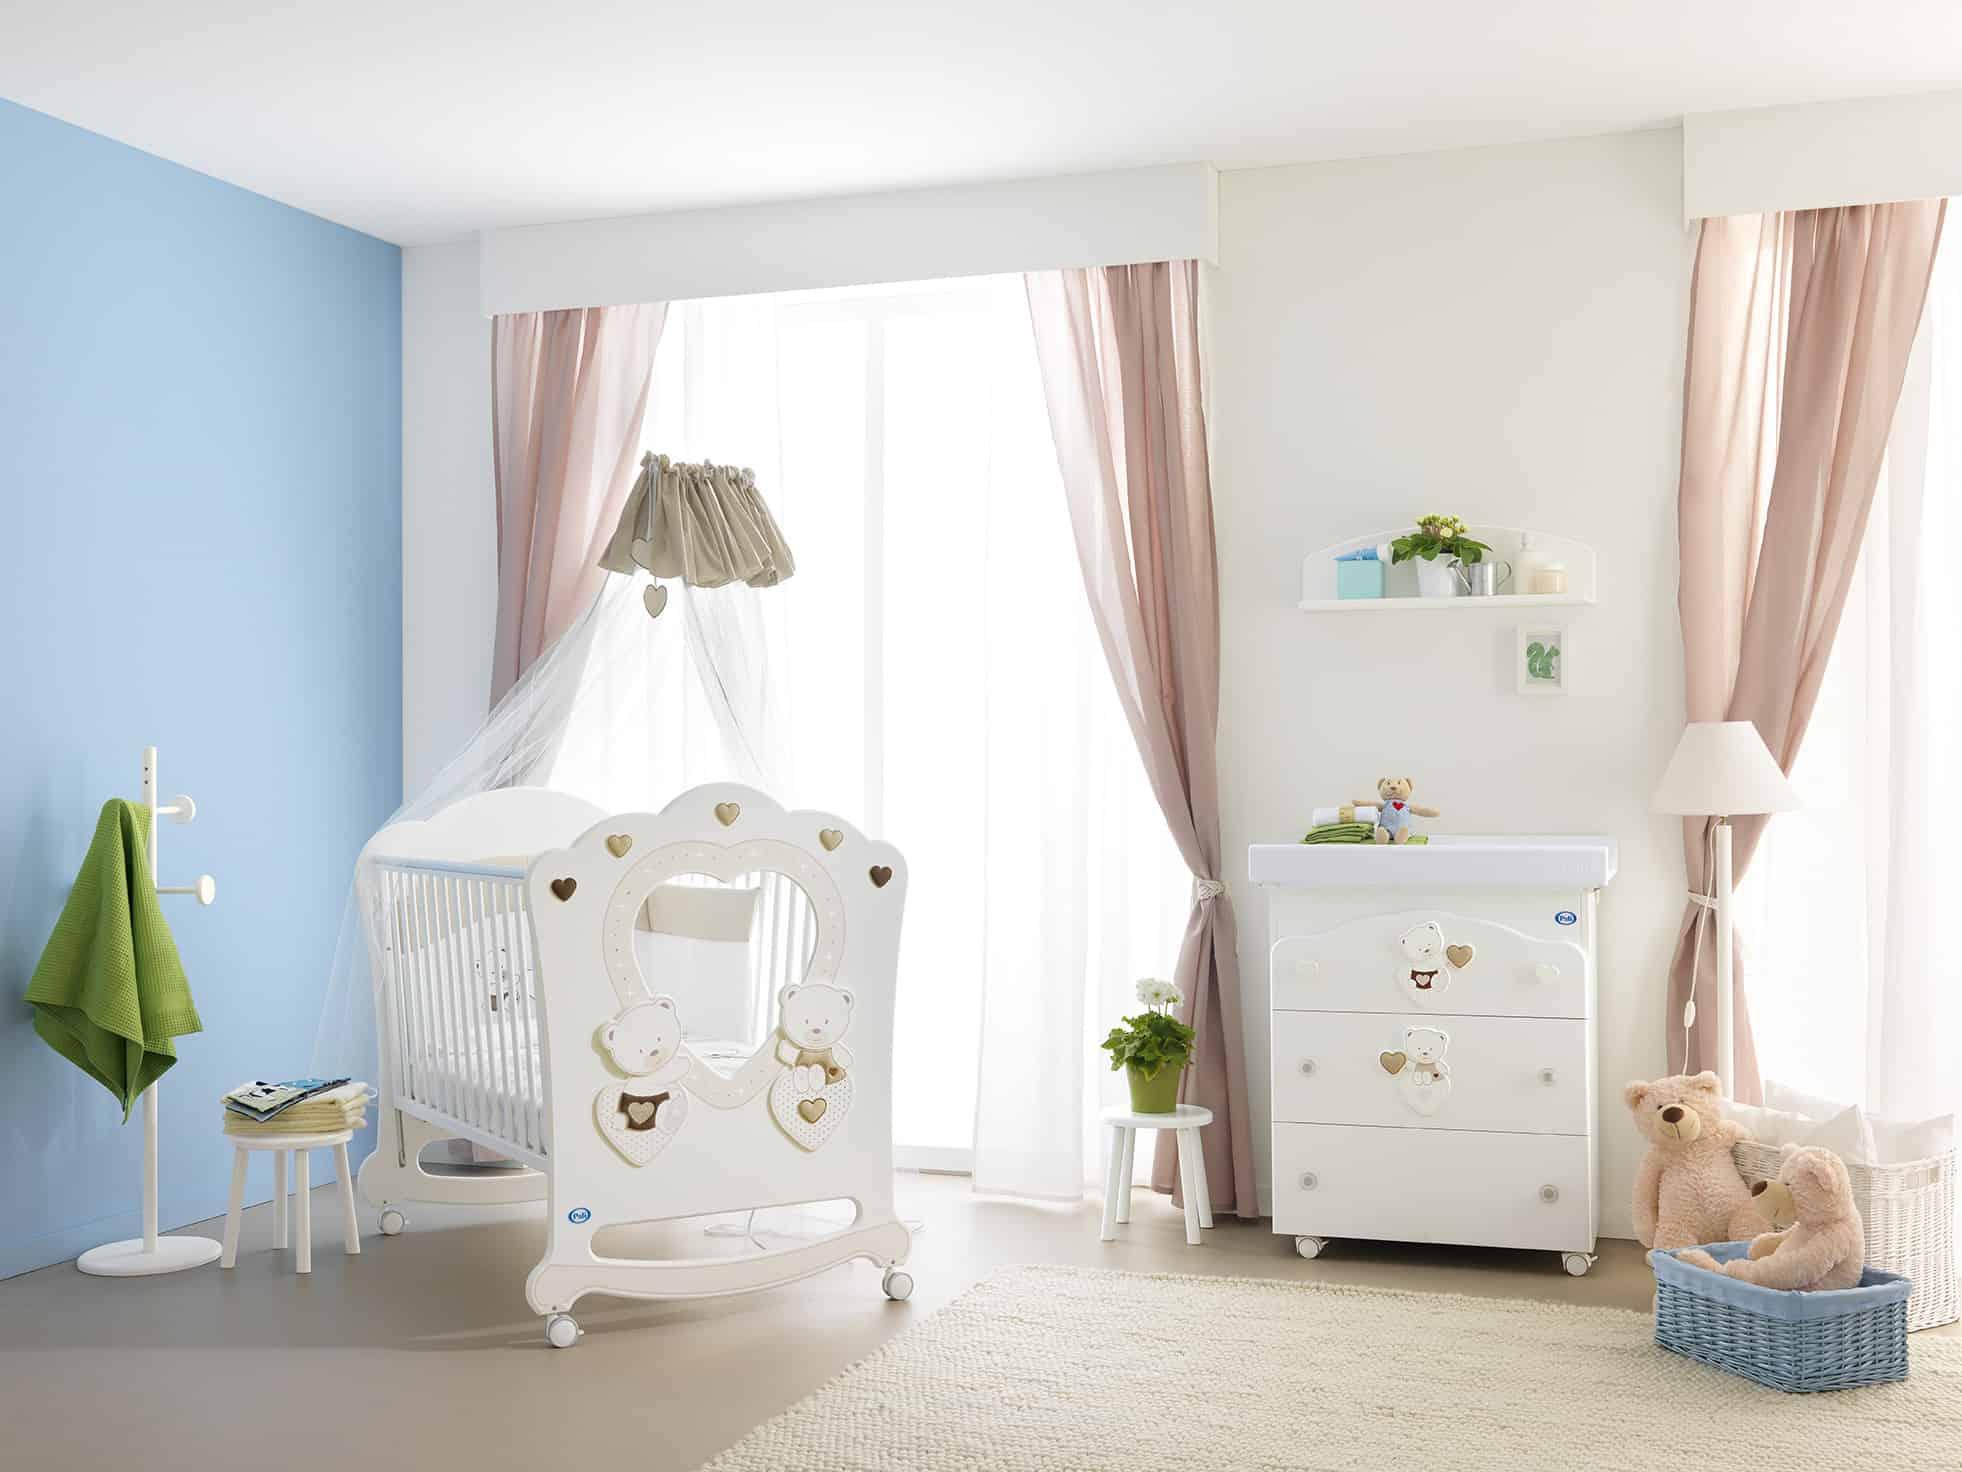 656ff6119f0 Βρεφικό κρεβατάκι PALI Celine Oblo - Petit Kids Boutique